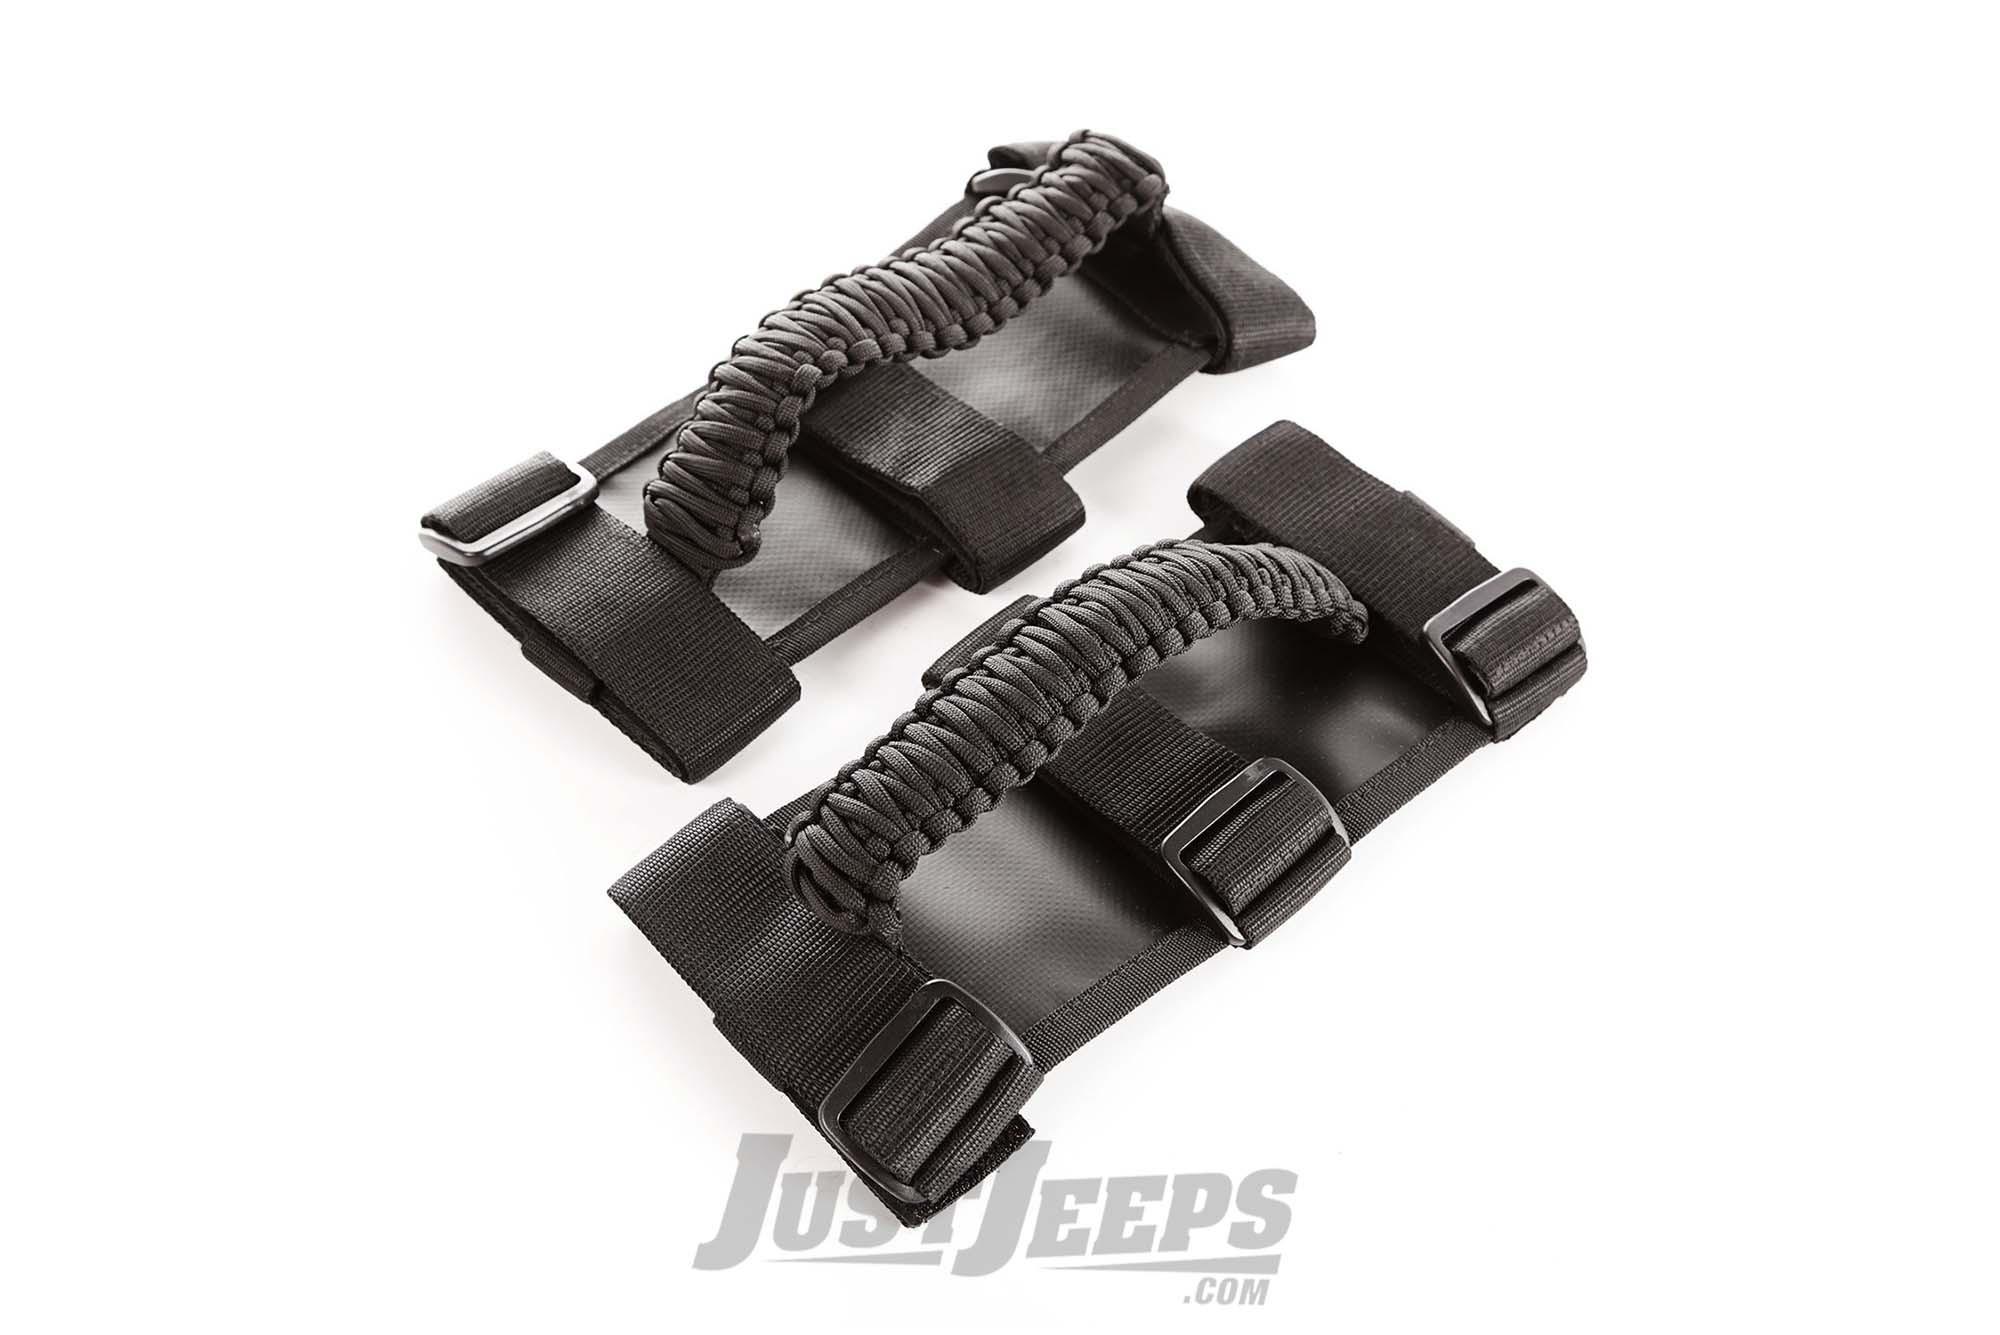 Rugged Ridge Paracord Grab Handles For 1997+ Jeep CJ, Wrangler YJ/TJ/TLJ/JK/JKU/JL/JLU & Gladiator JT Models 13505.30-